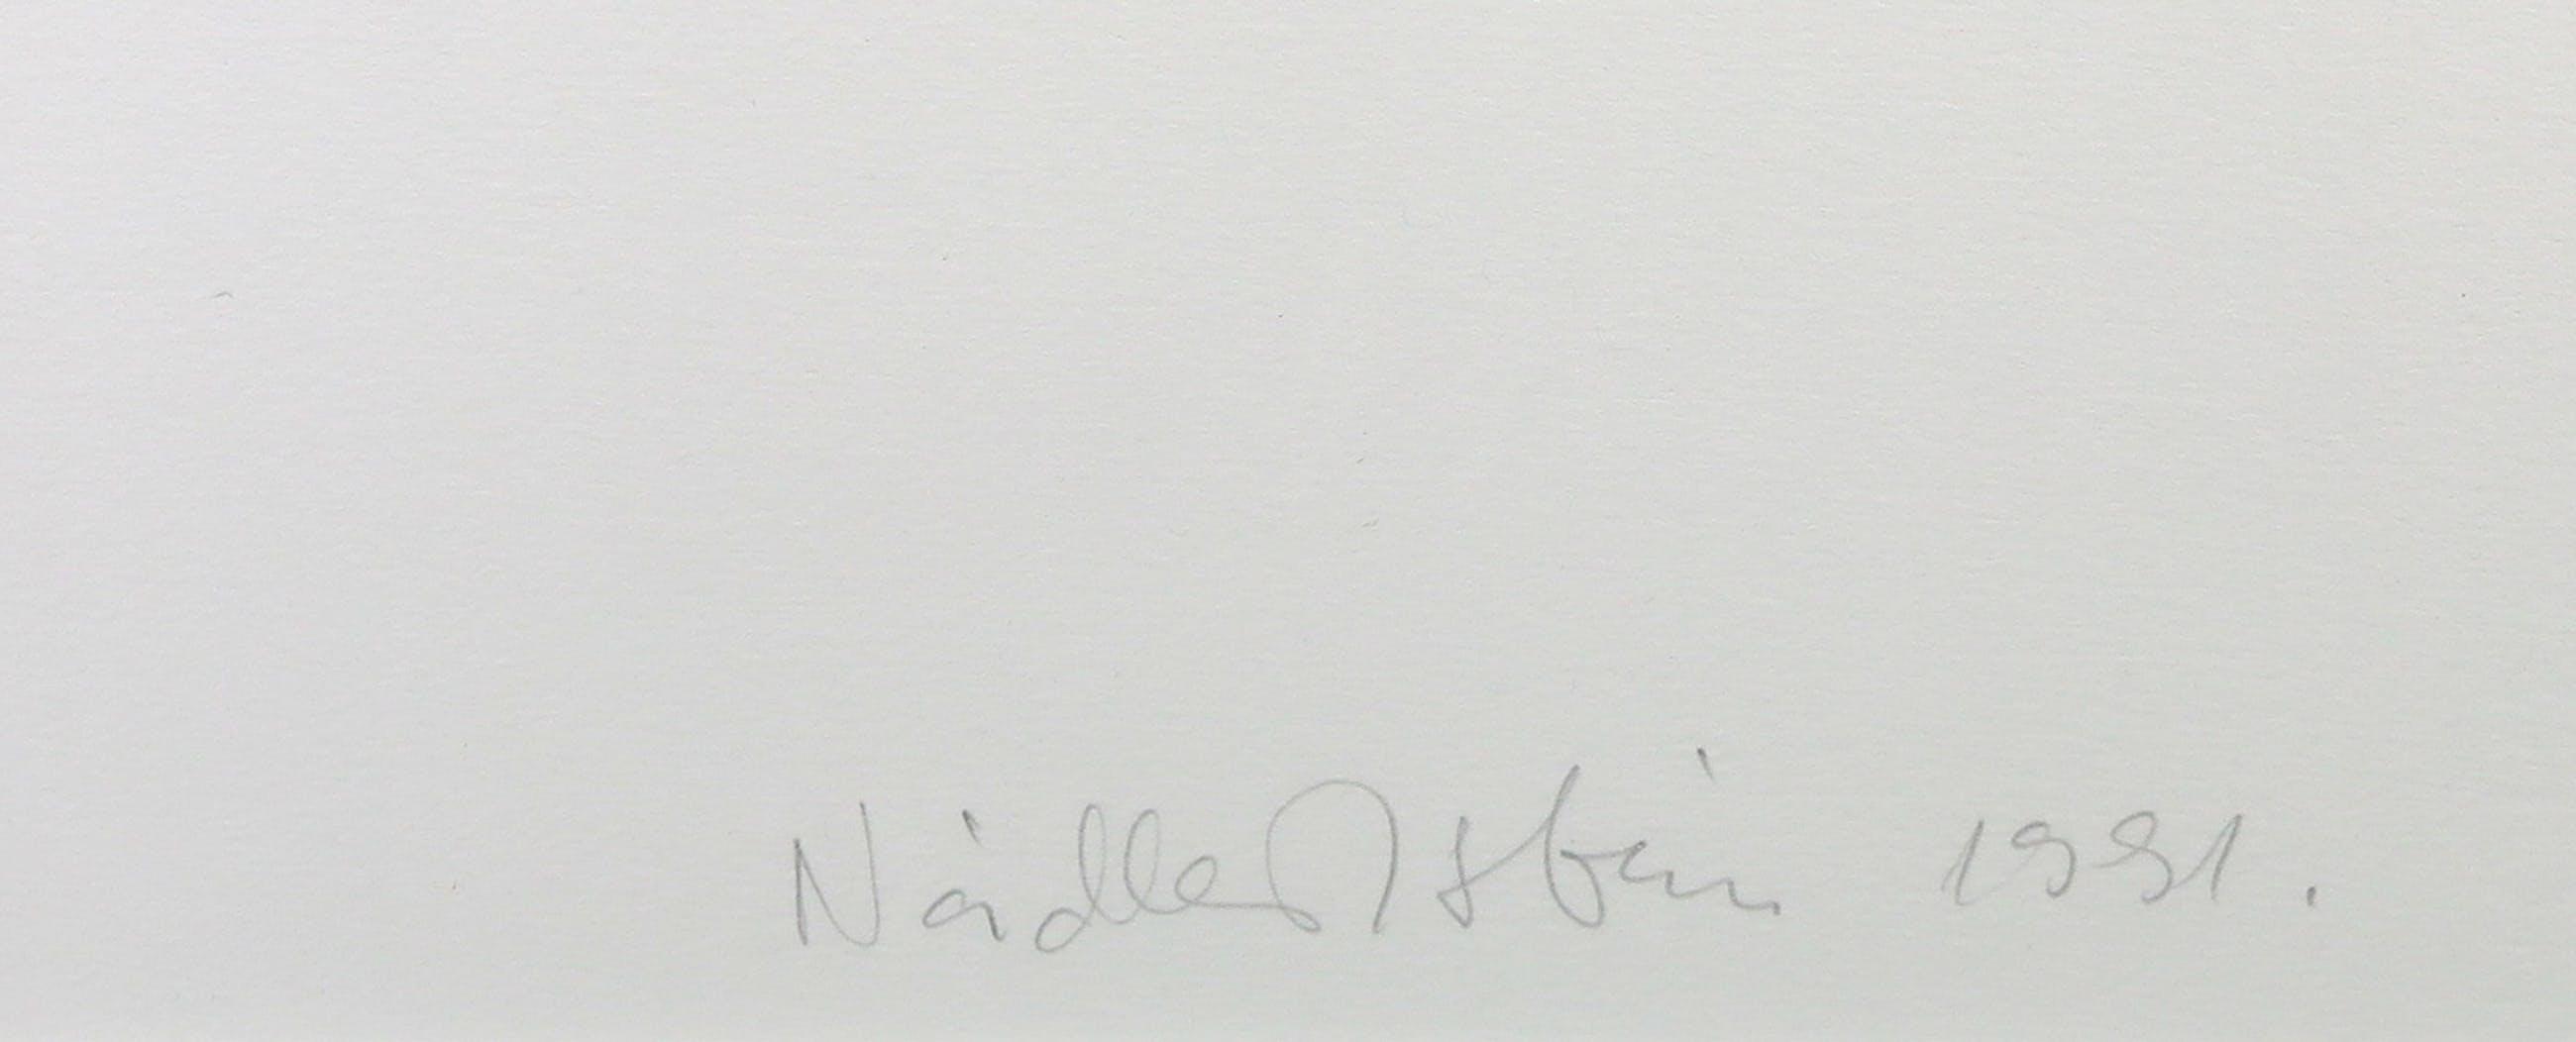 Istvan Nadler - Litho, Z.T. Memoire de la liberte - Ingelijst (Groot) kopen? Bied vanaf 150!